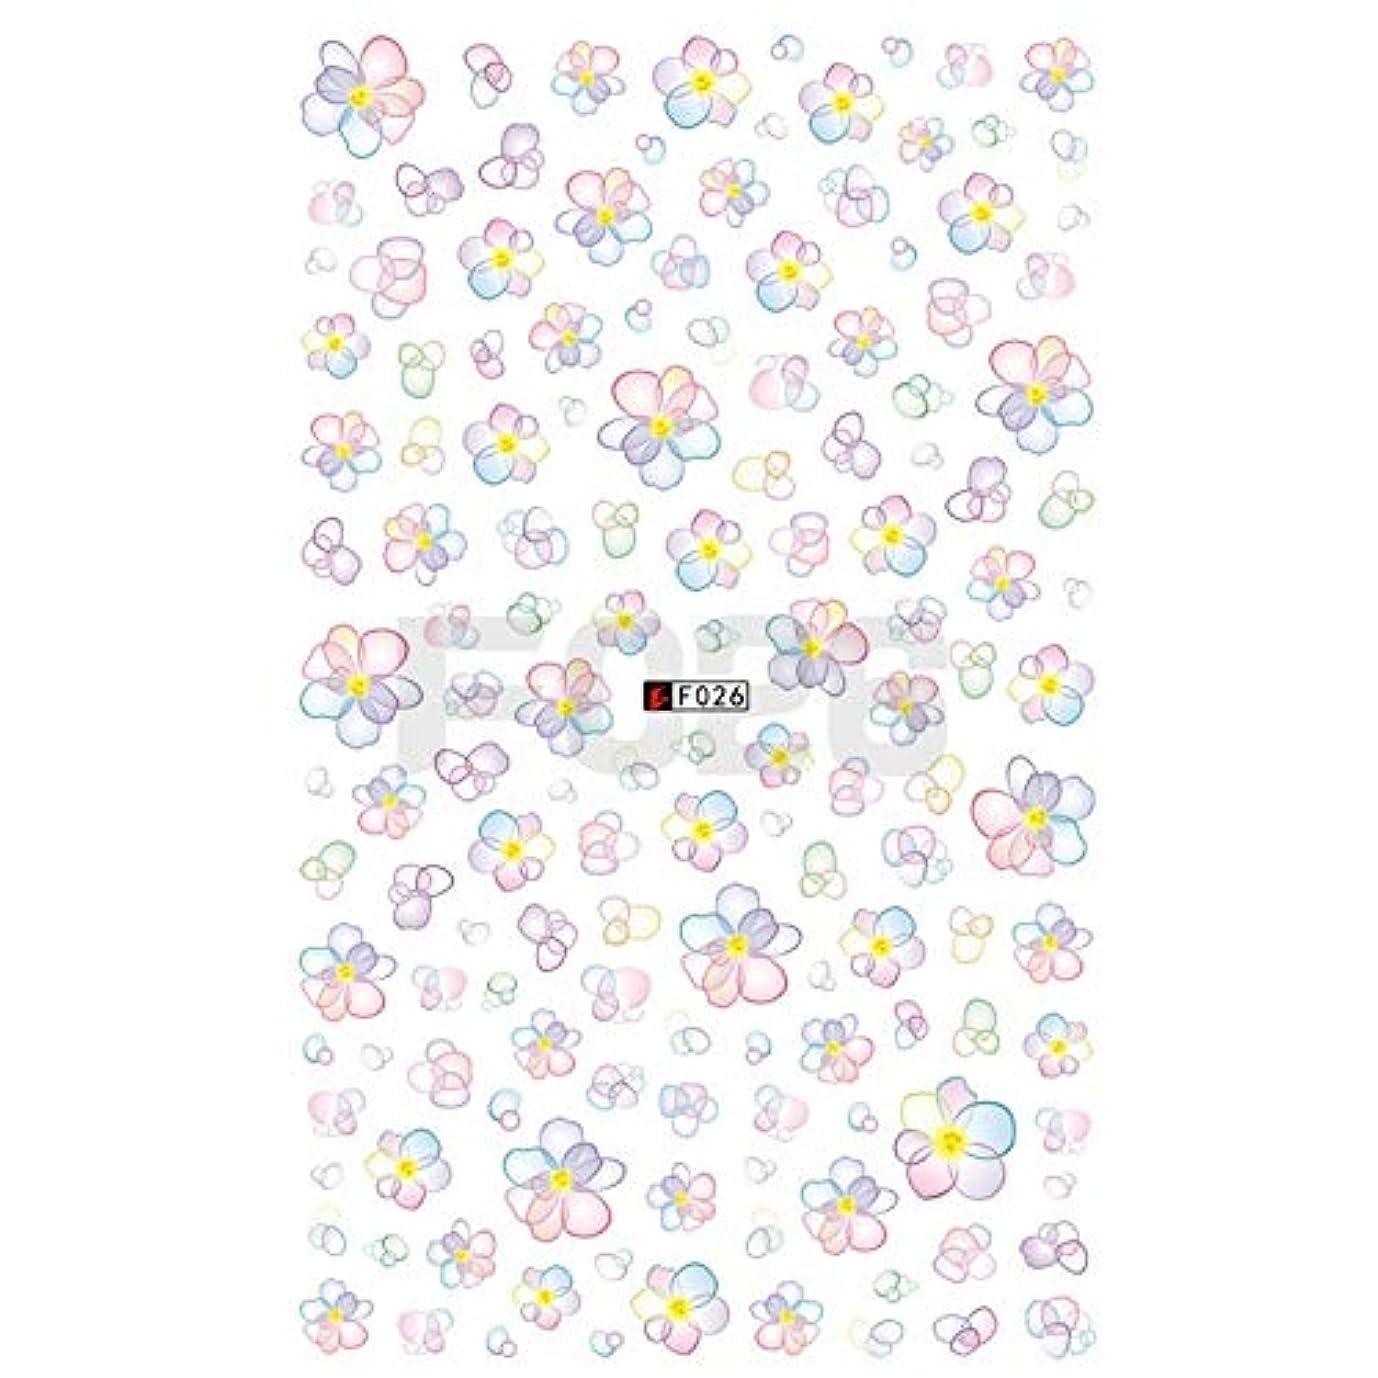 レジ統治可能北方MEI1JIA CELINEZL 3 PCS 3Dネイルステッカー咲く花3Dネイルアートステッカーデカール(F199) (色 : F026)